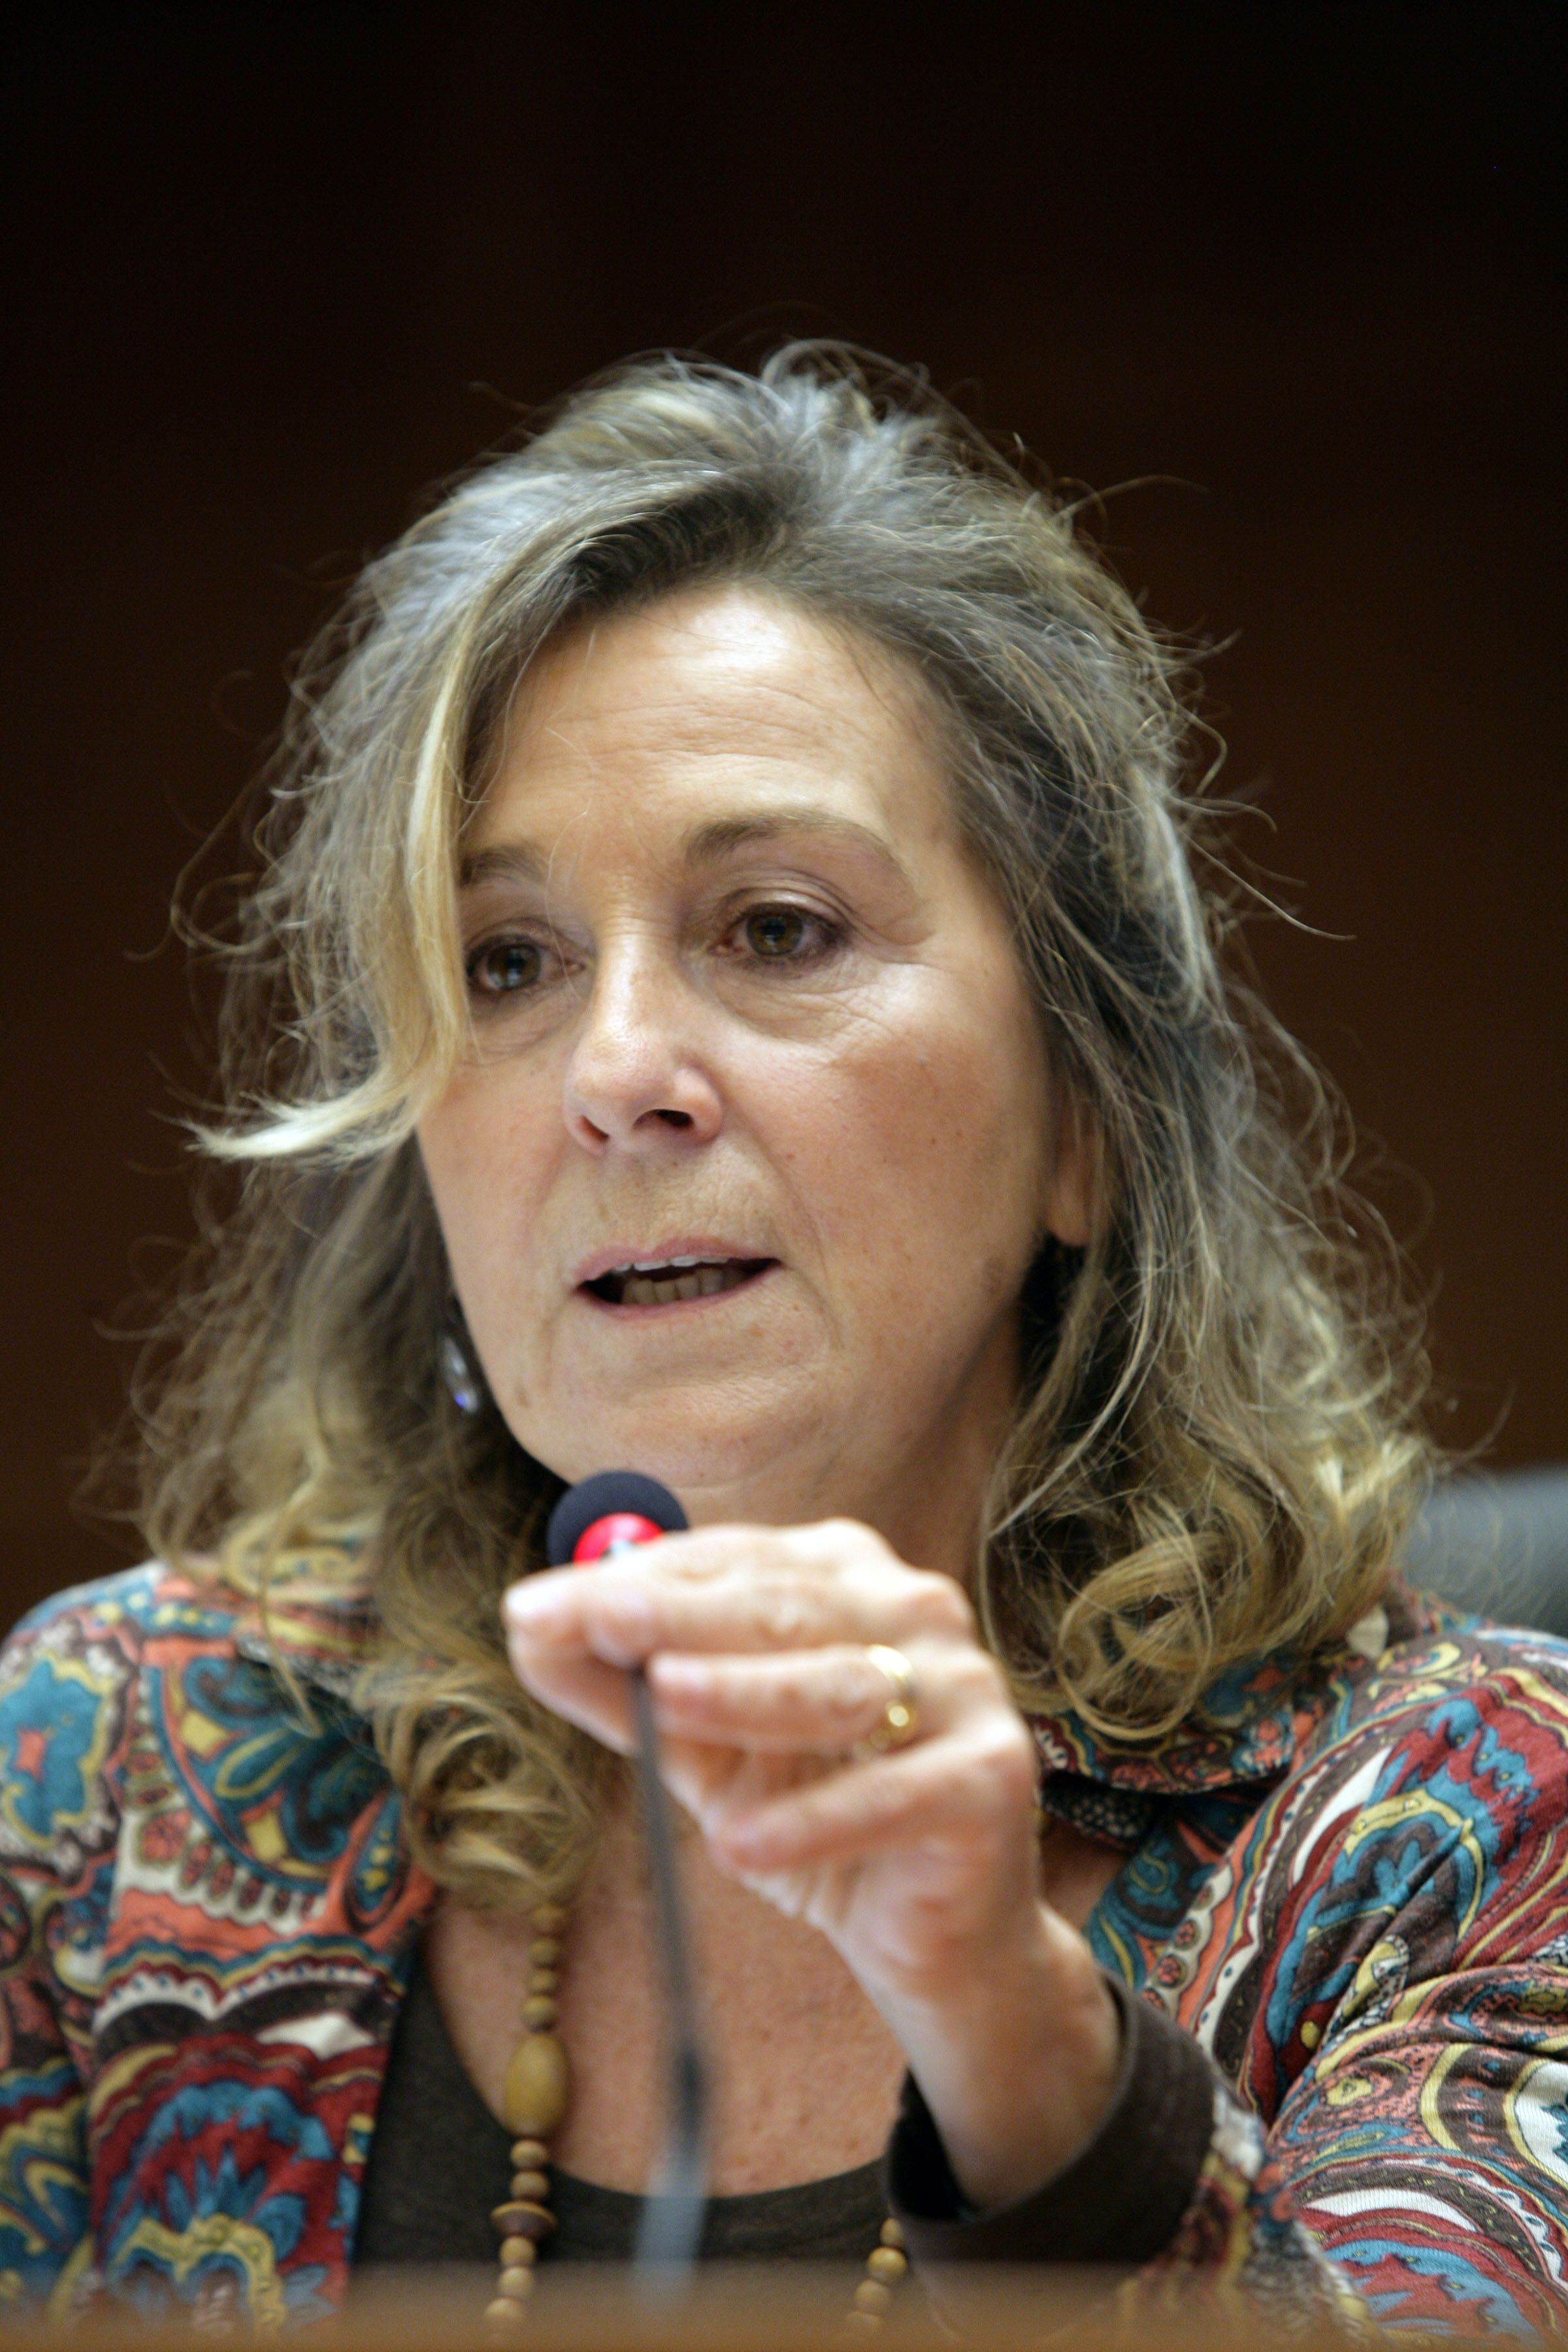 Teresa Petrangolini, Secretary-General of the association CittadinanzAttiva – Active Citizenship Network, Italy, speaking to the EESC plenary assembly